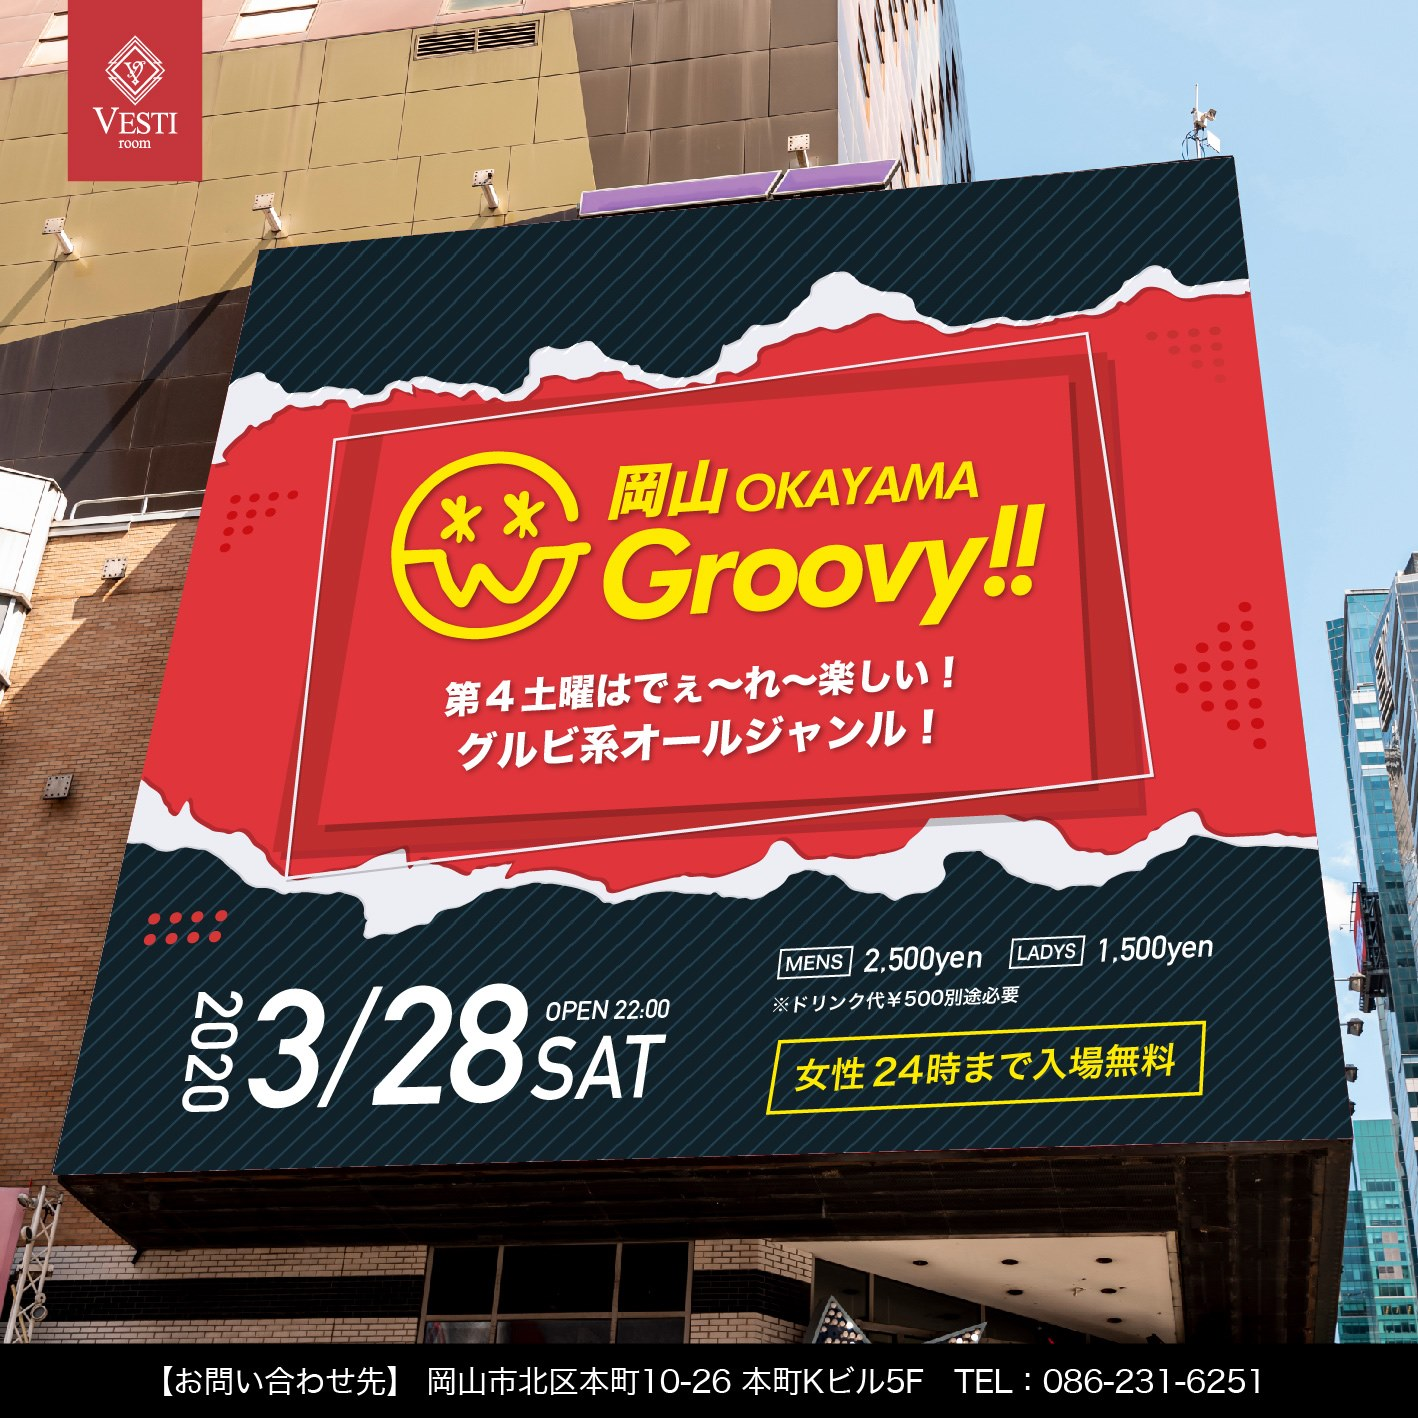 岡山Groovy!! ~Guest : DJ *Groovy workshop.~